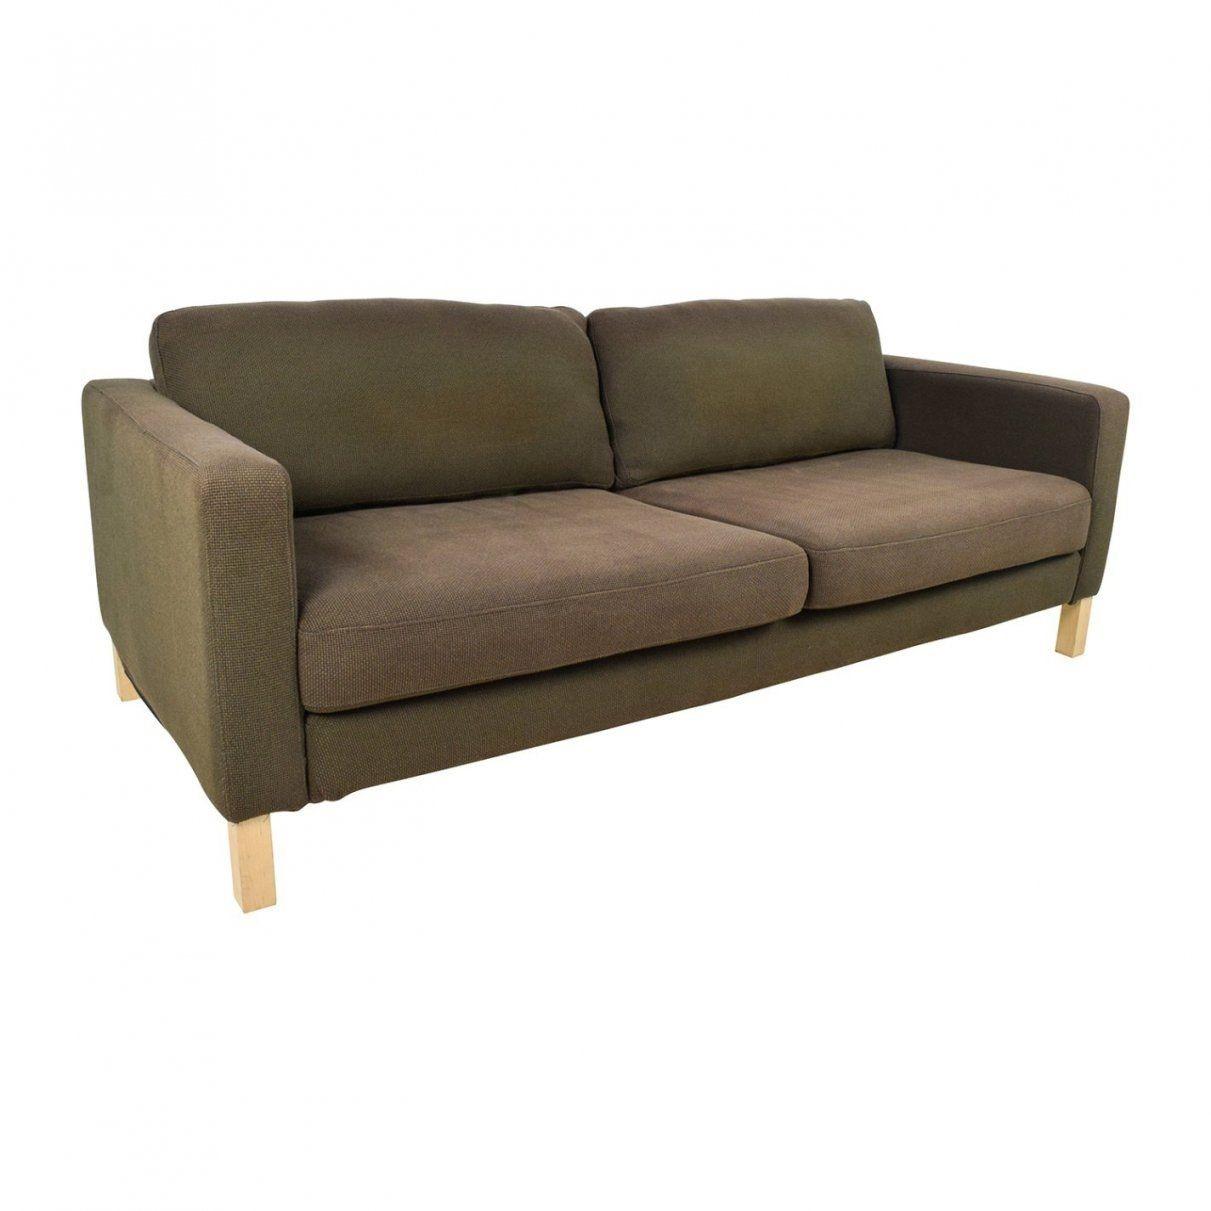 Ikea Velvet Sofa Beautiful Top Ergebnis 50 Neu Ikea Ecksofa Mit von Rattan Sofa Mit Schlaffunktion Bild